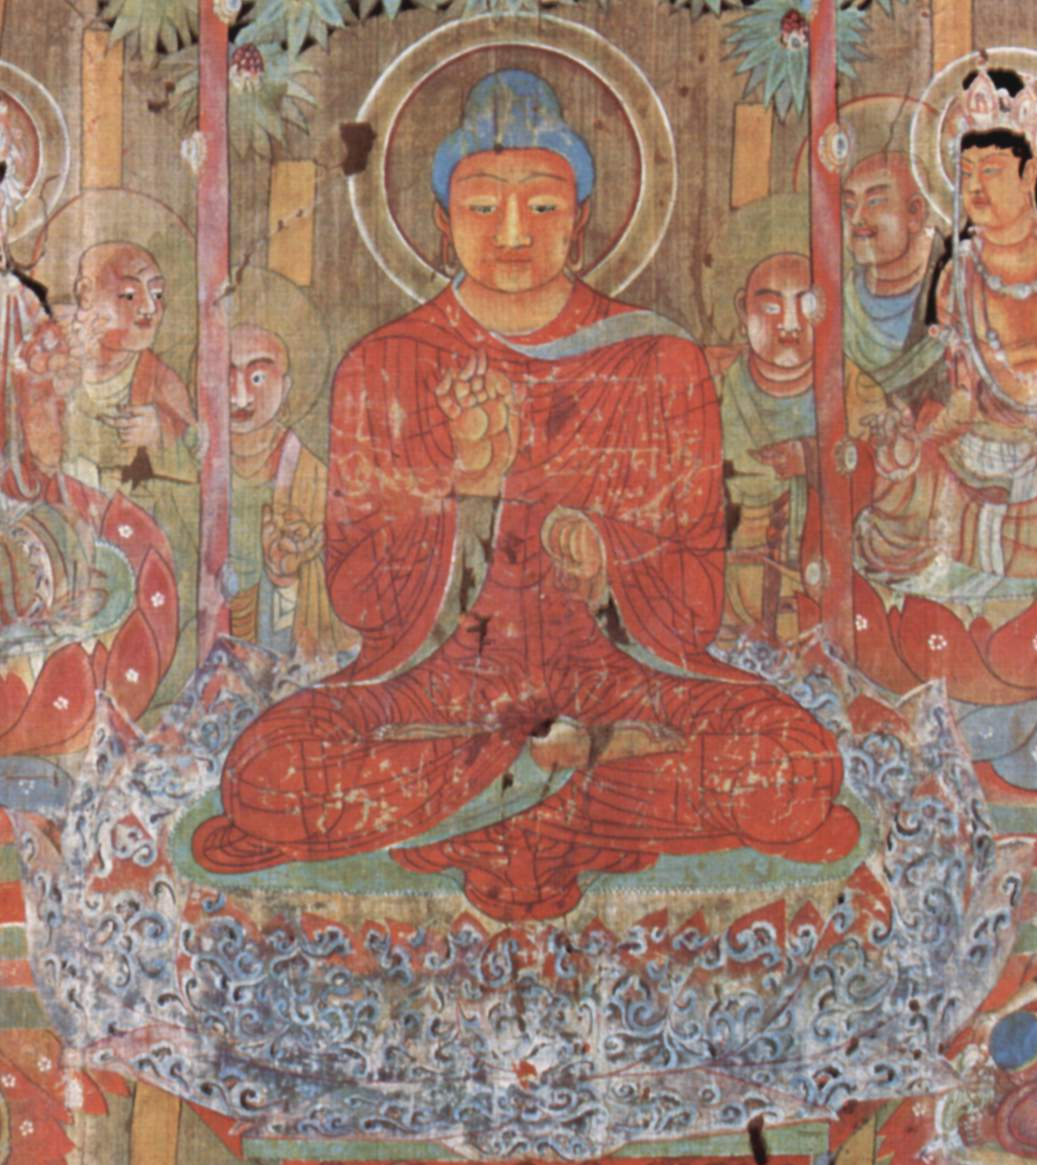 Saatchi Gallery Tintenwasche Malerei Kunst Chinesische Malerei